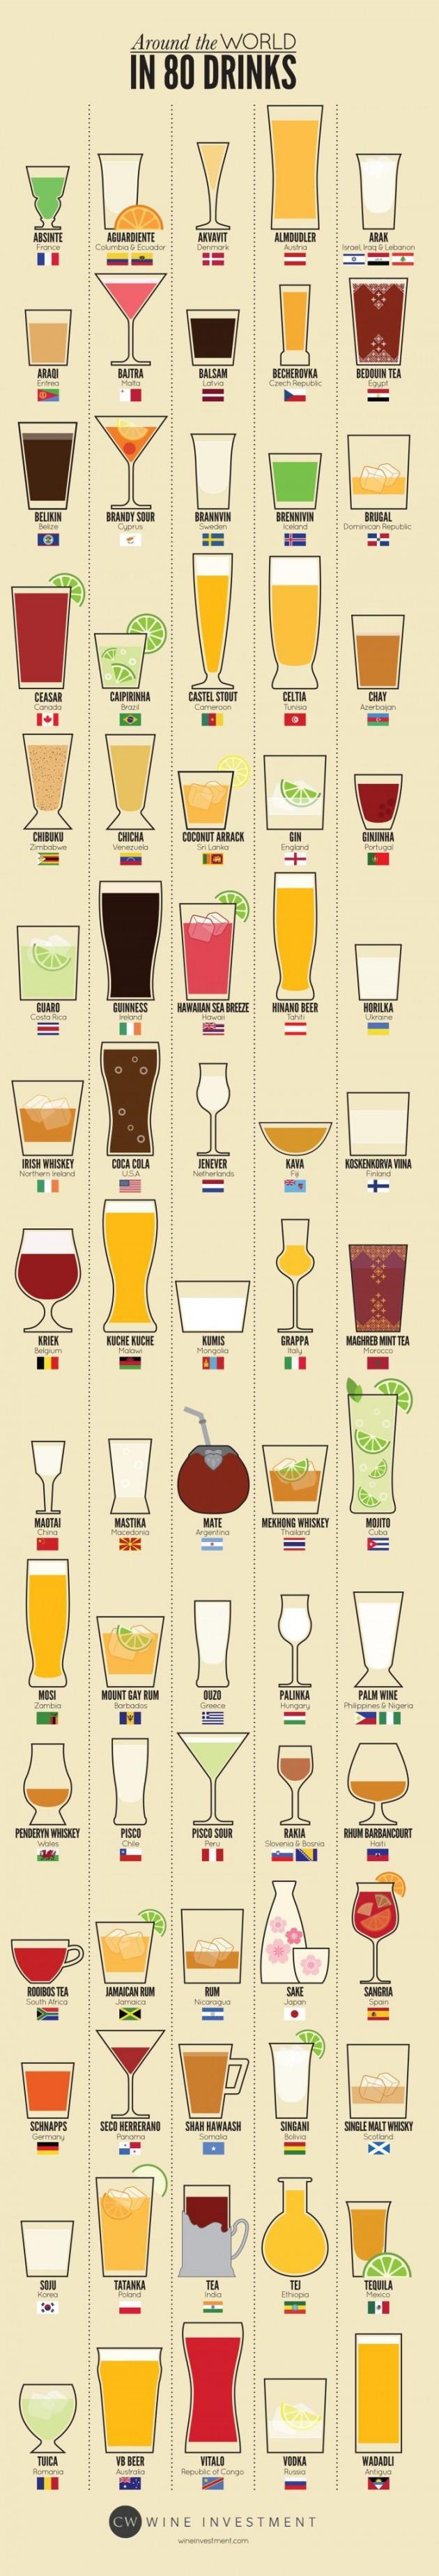 Le tour du monde des boissons par pays